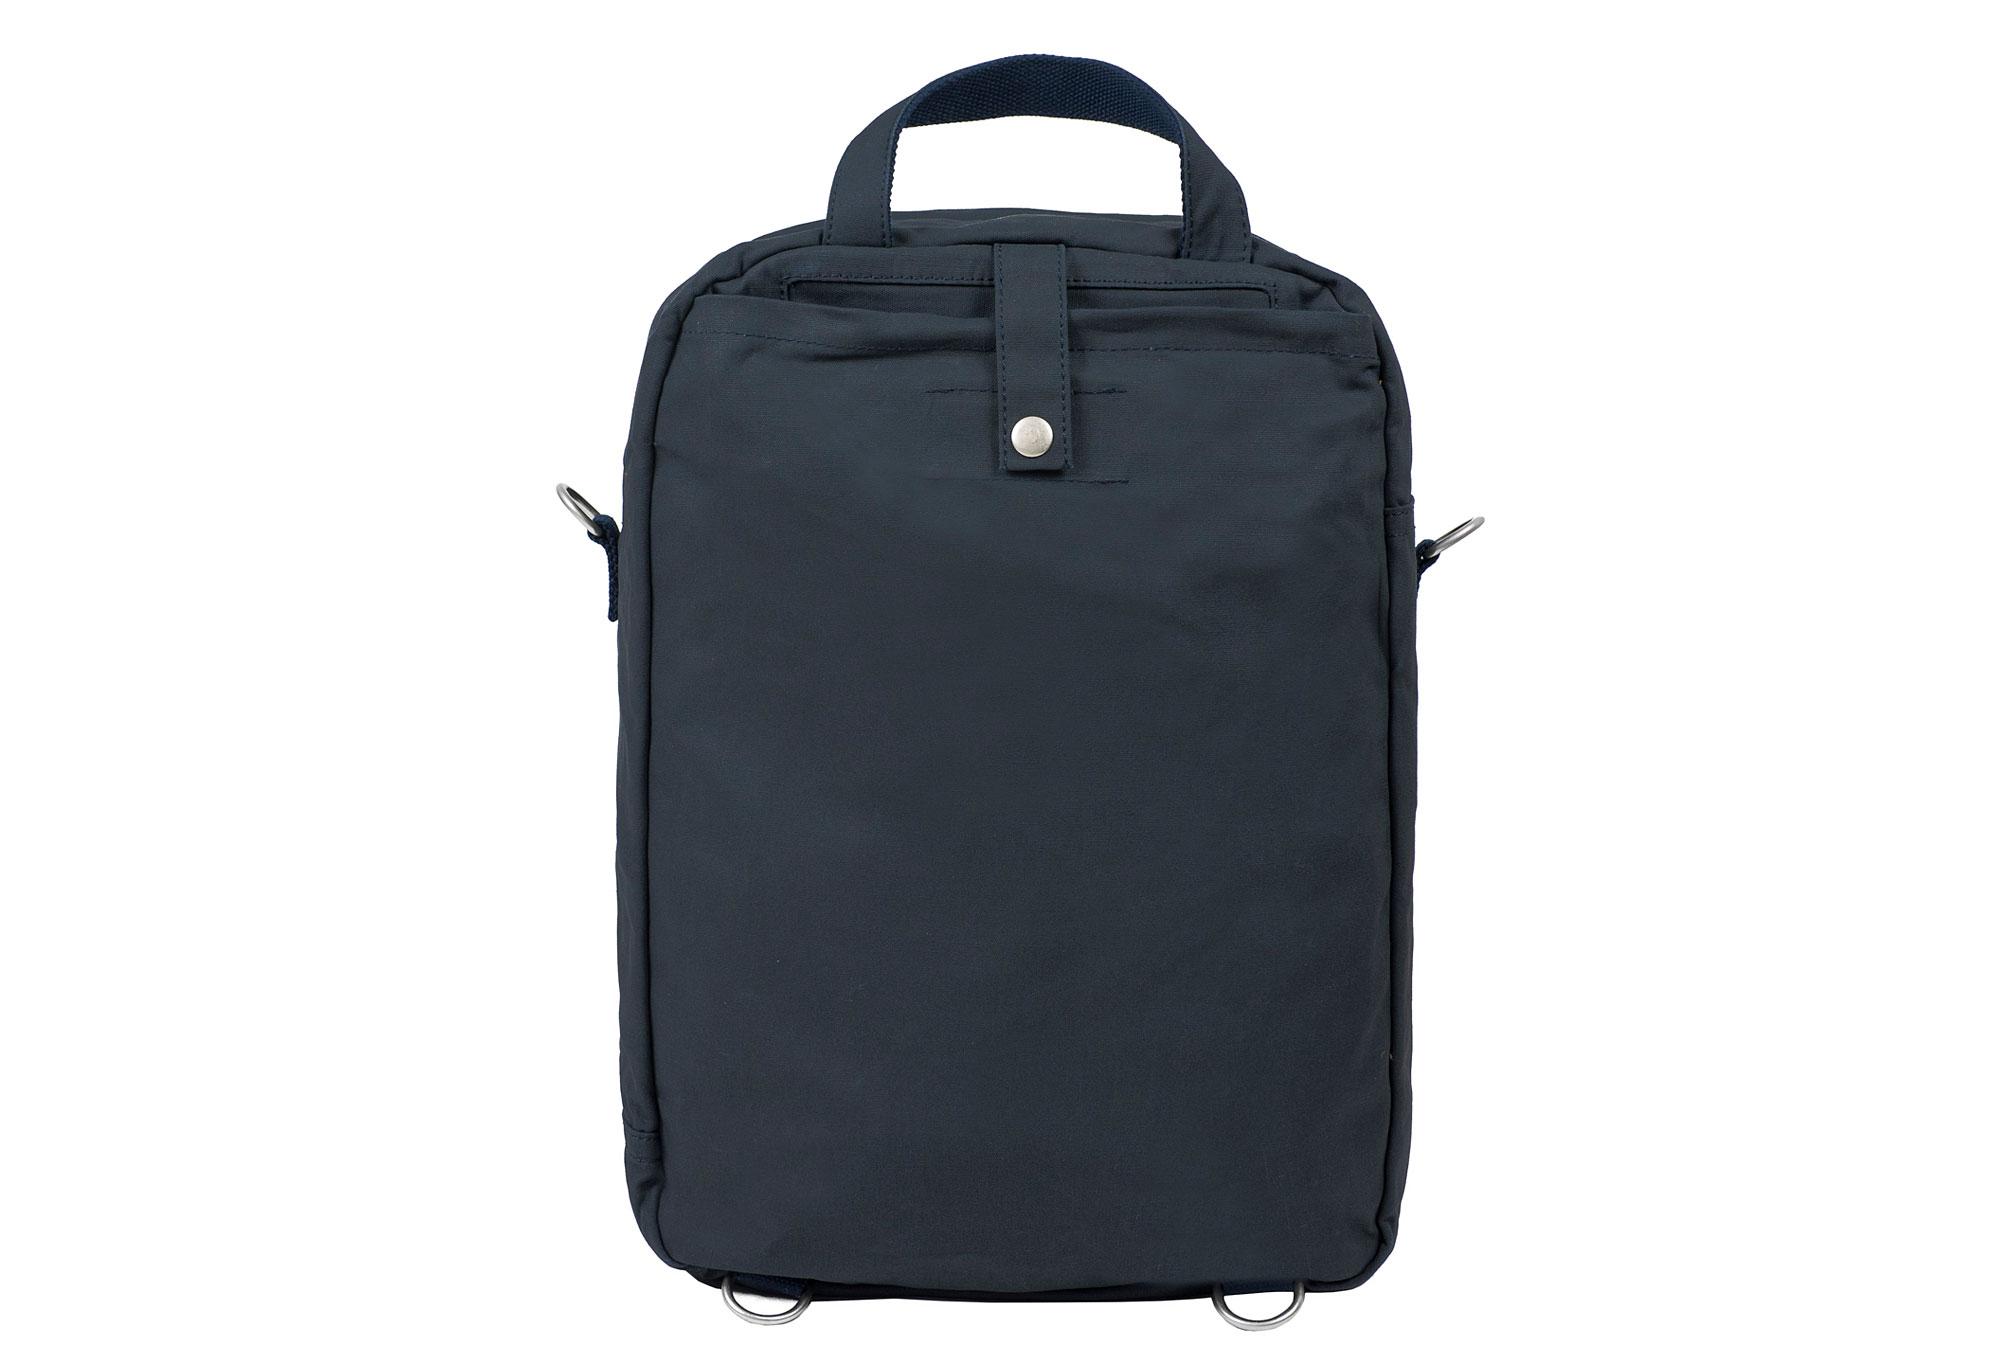 Carter-daypack-back